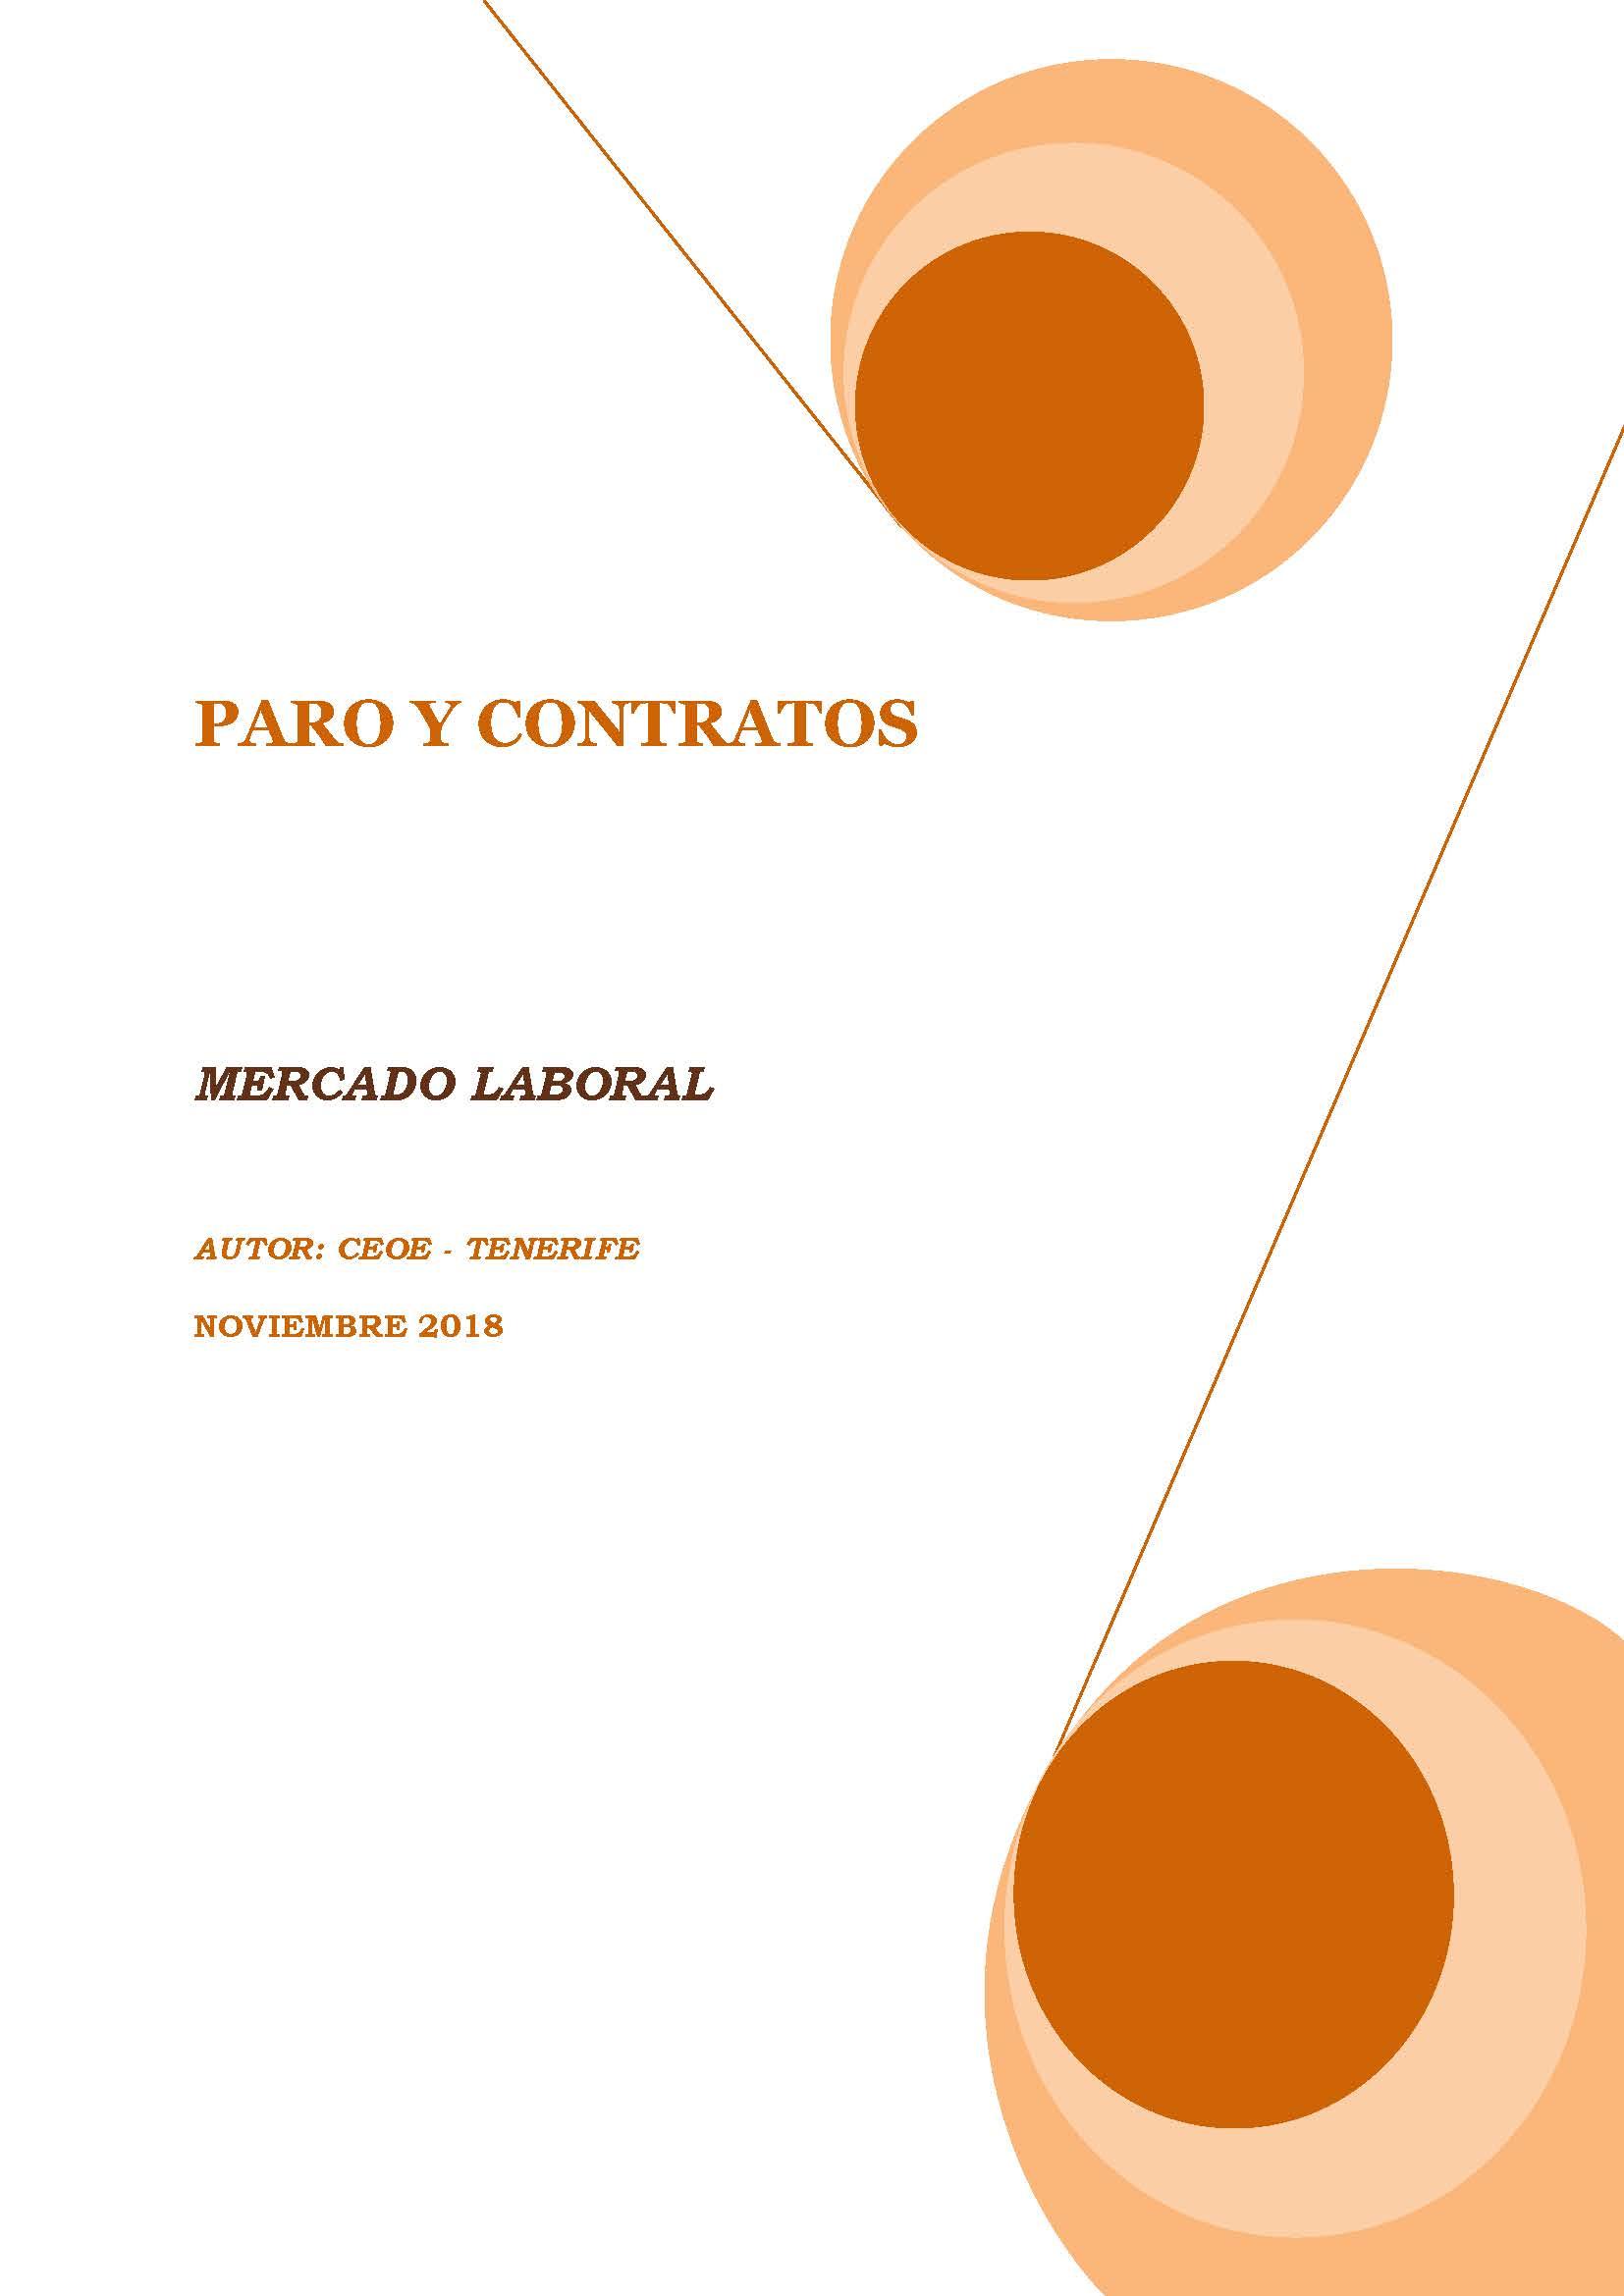 MERCADO LABORAL - PARO Y CONTRATOS NOVIEMBRE 2018